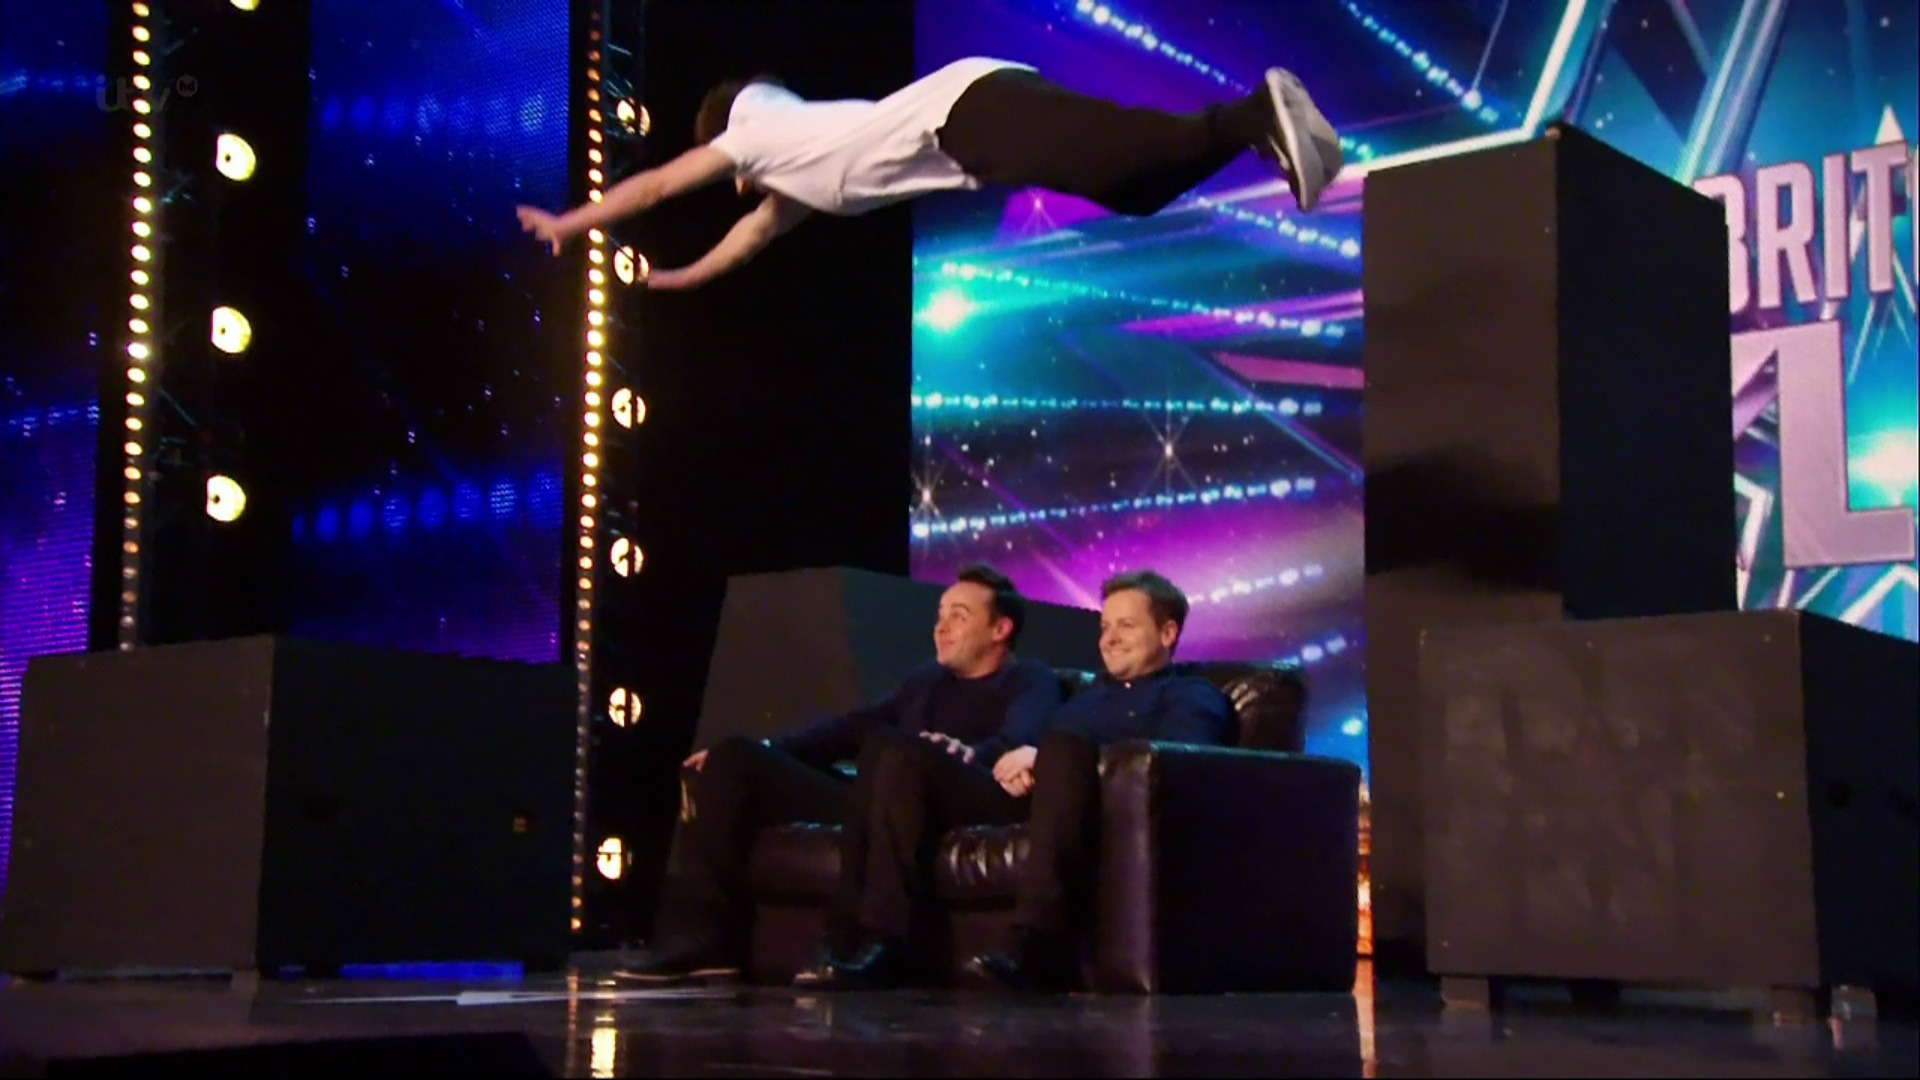 Britain's Got Talent freerunner Matt McCreary